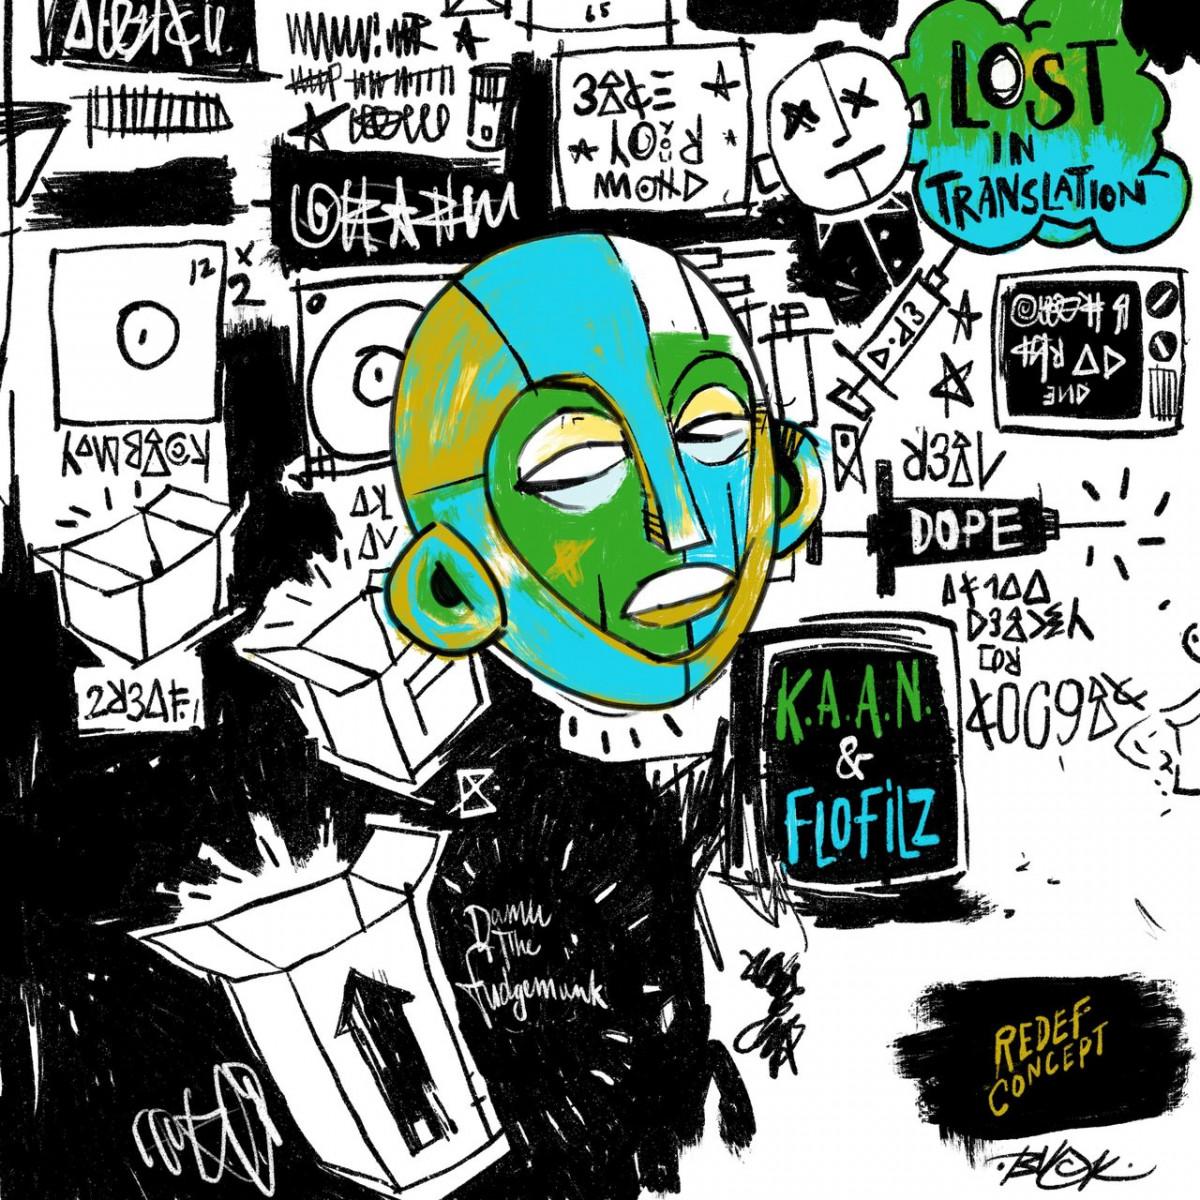 K.A.A.N. & FloFilz — «Lost in Translation»